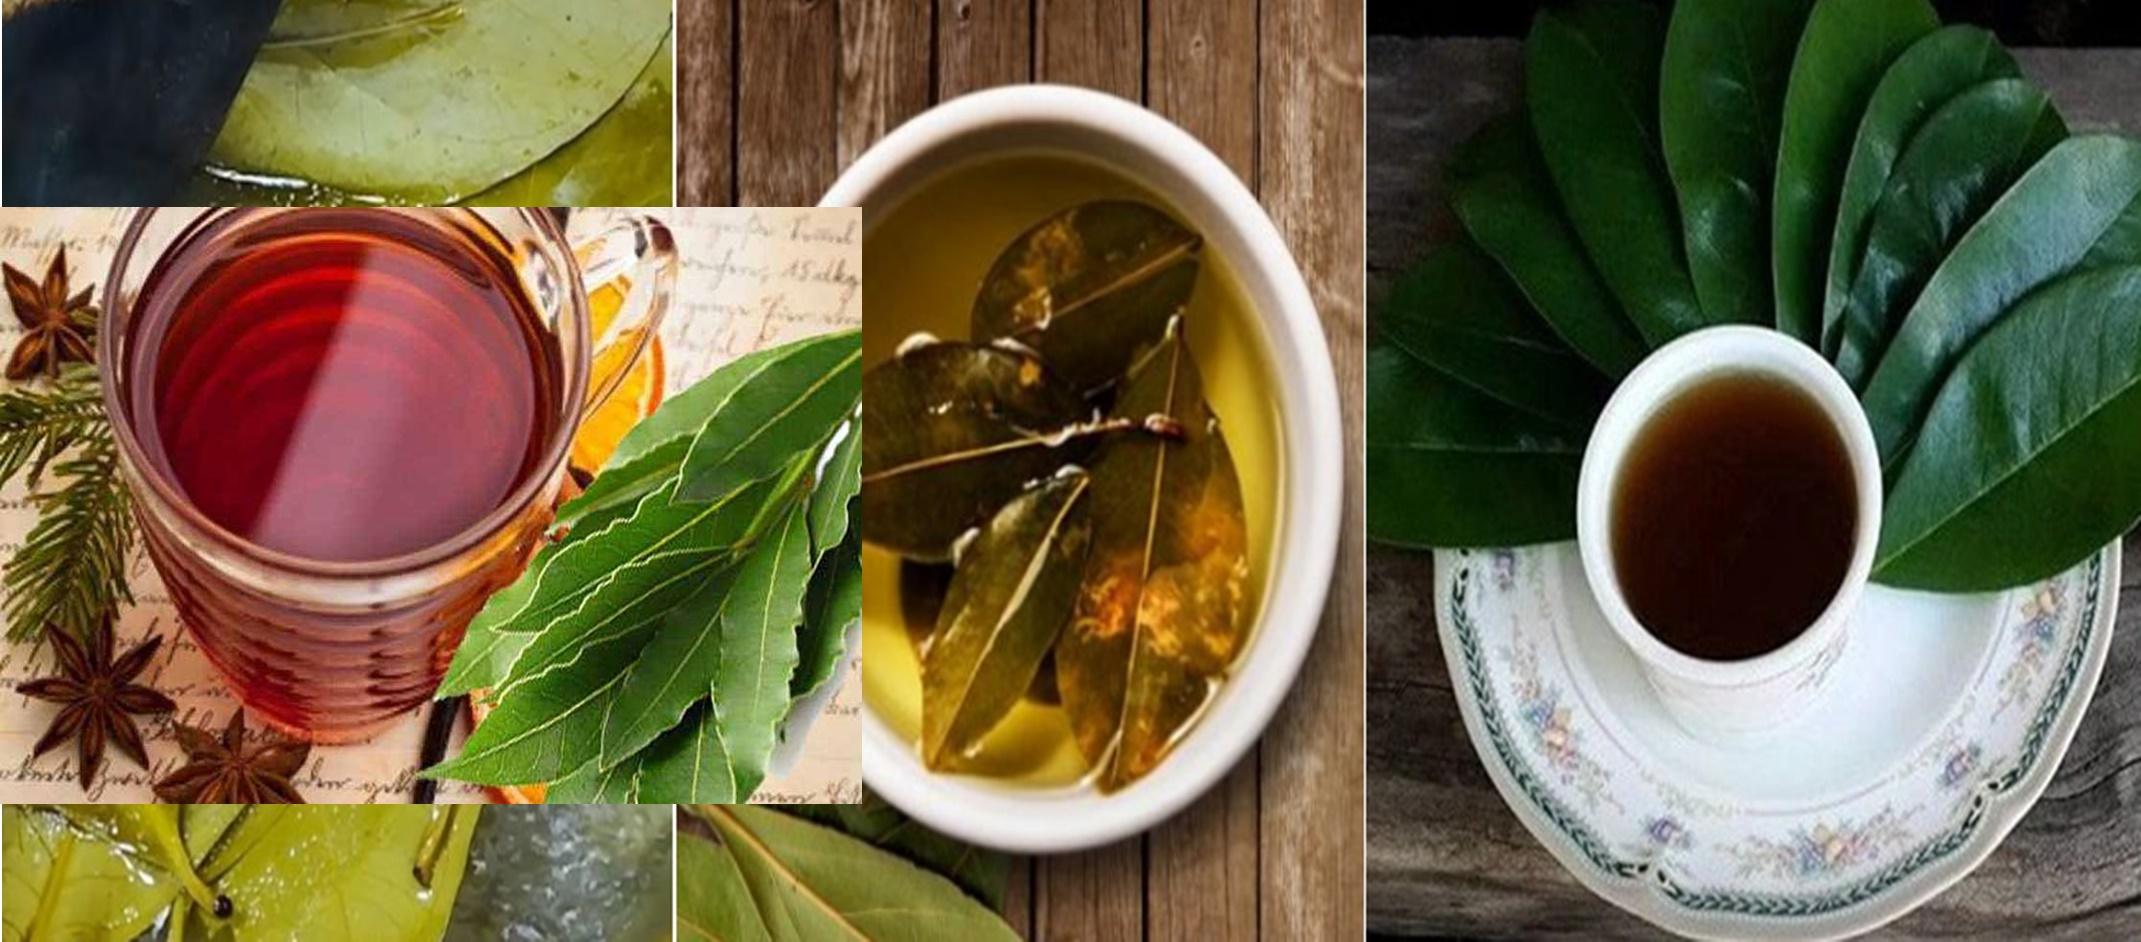 Tinctura din frunze de dafin reduce glicemia, calculi renali și îmbunătățește tensiunia arterială, sănătatea musculară și a articulațiilor